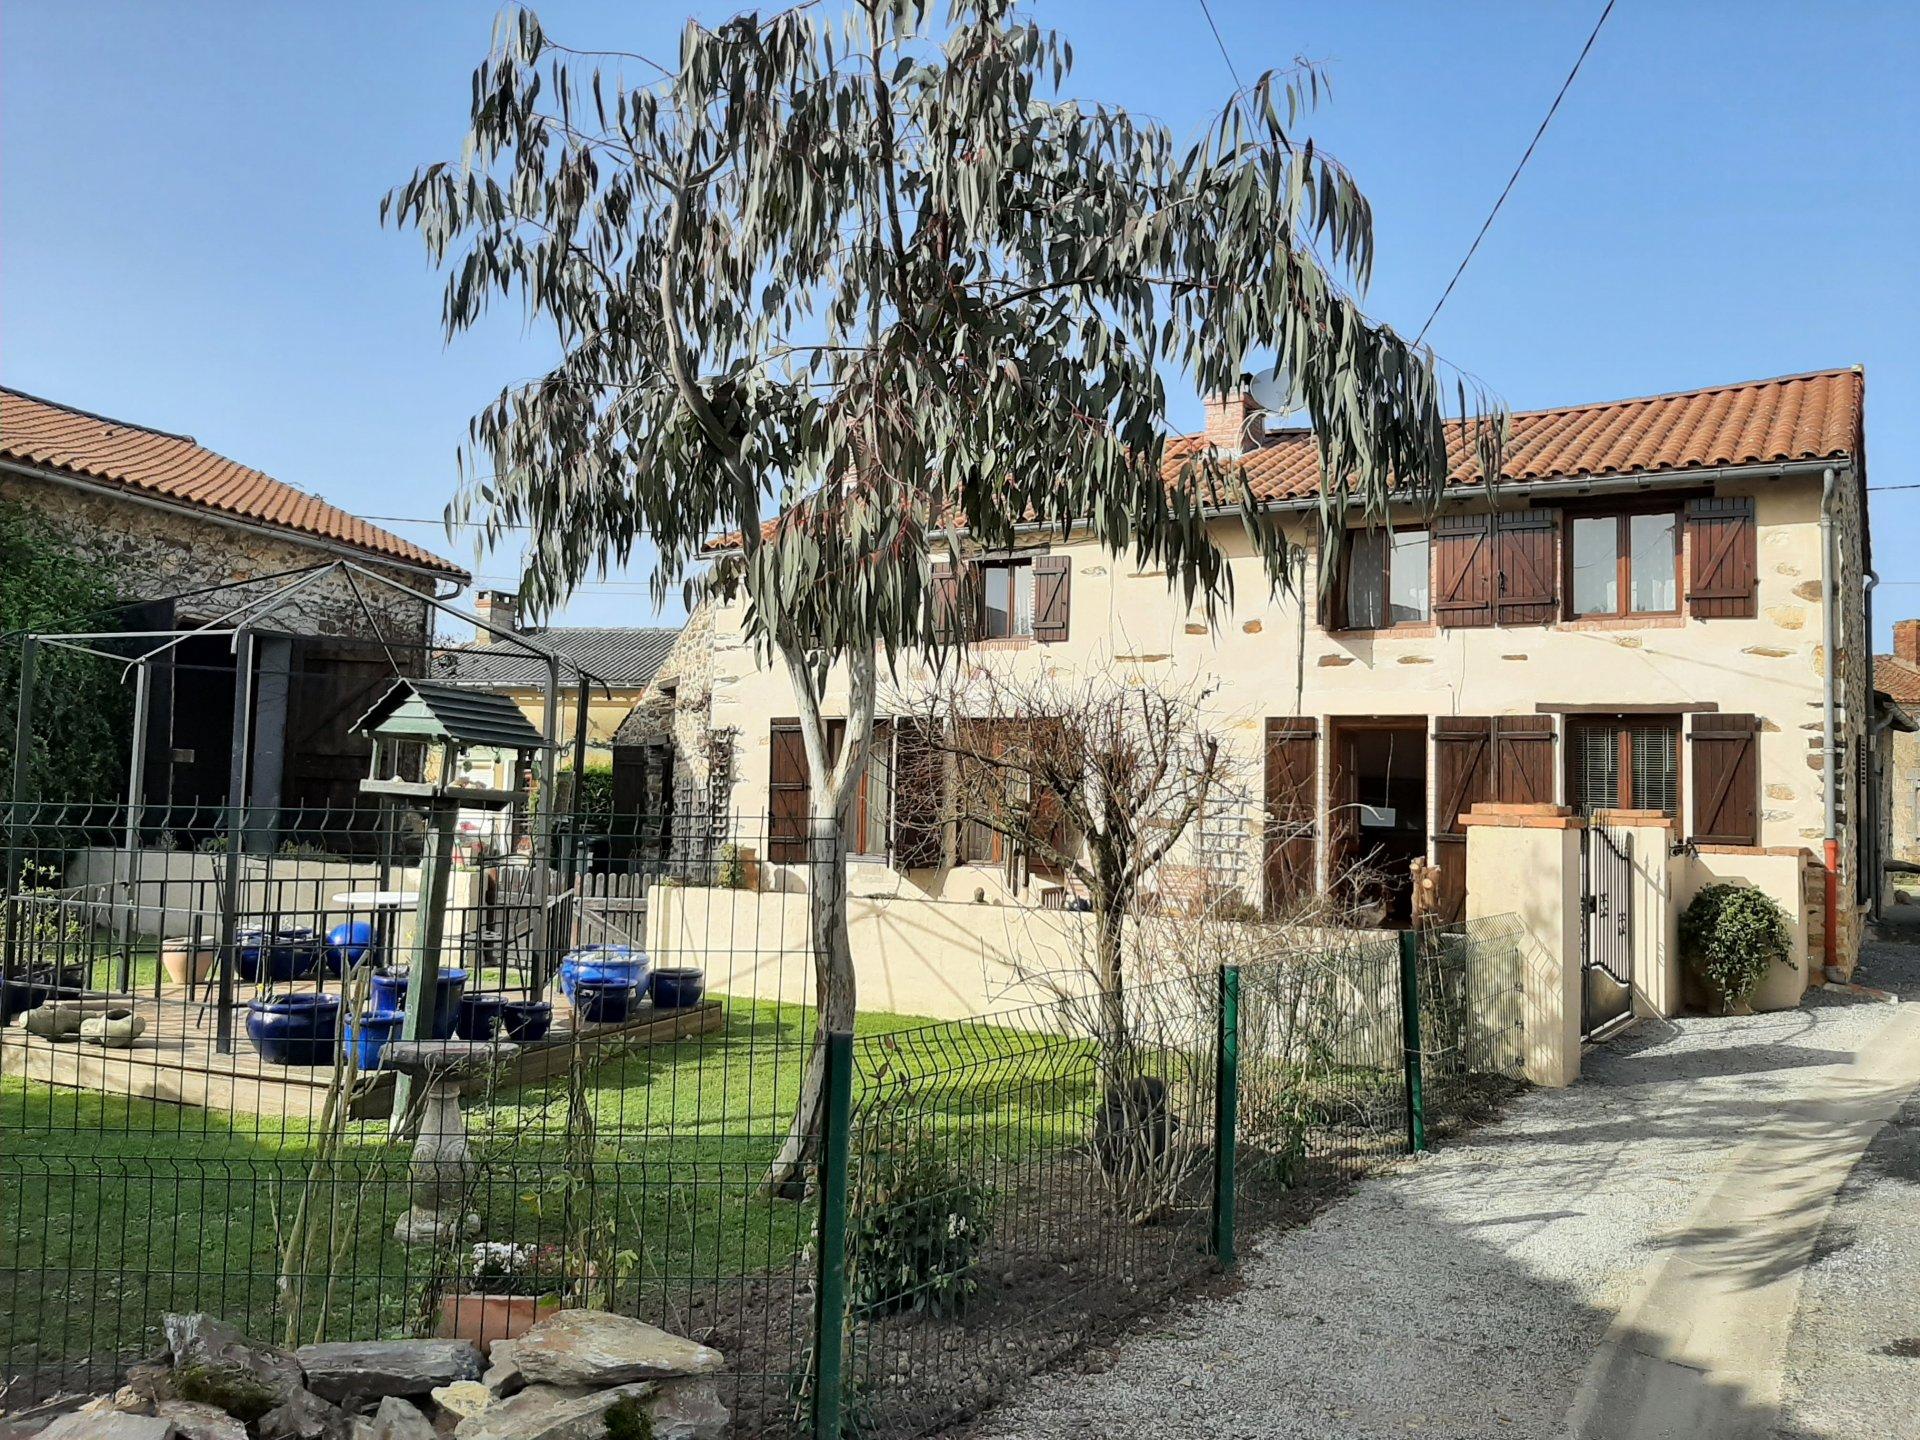 Renoviertes Haus bei Bussière-Poitevine - Haute Vienne